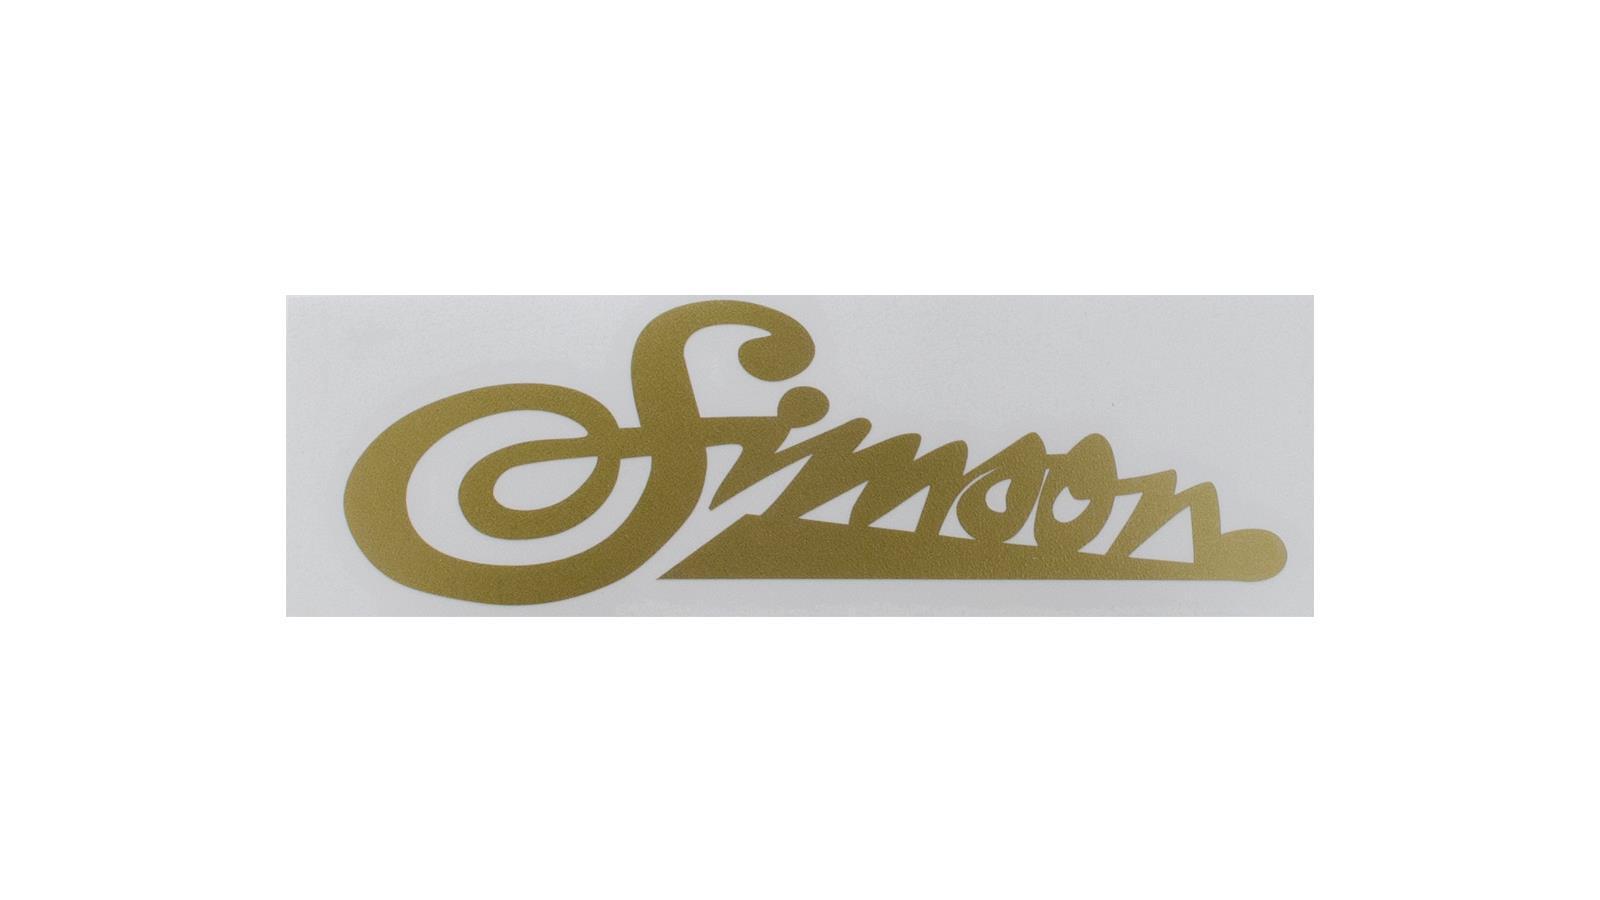 Schriftzug klebefolie simson gold 2 73 - Klebefolie mobel gold ...